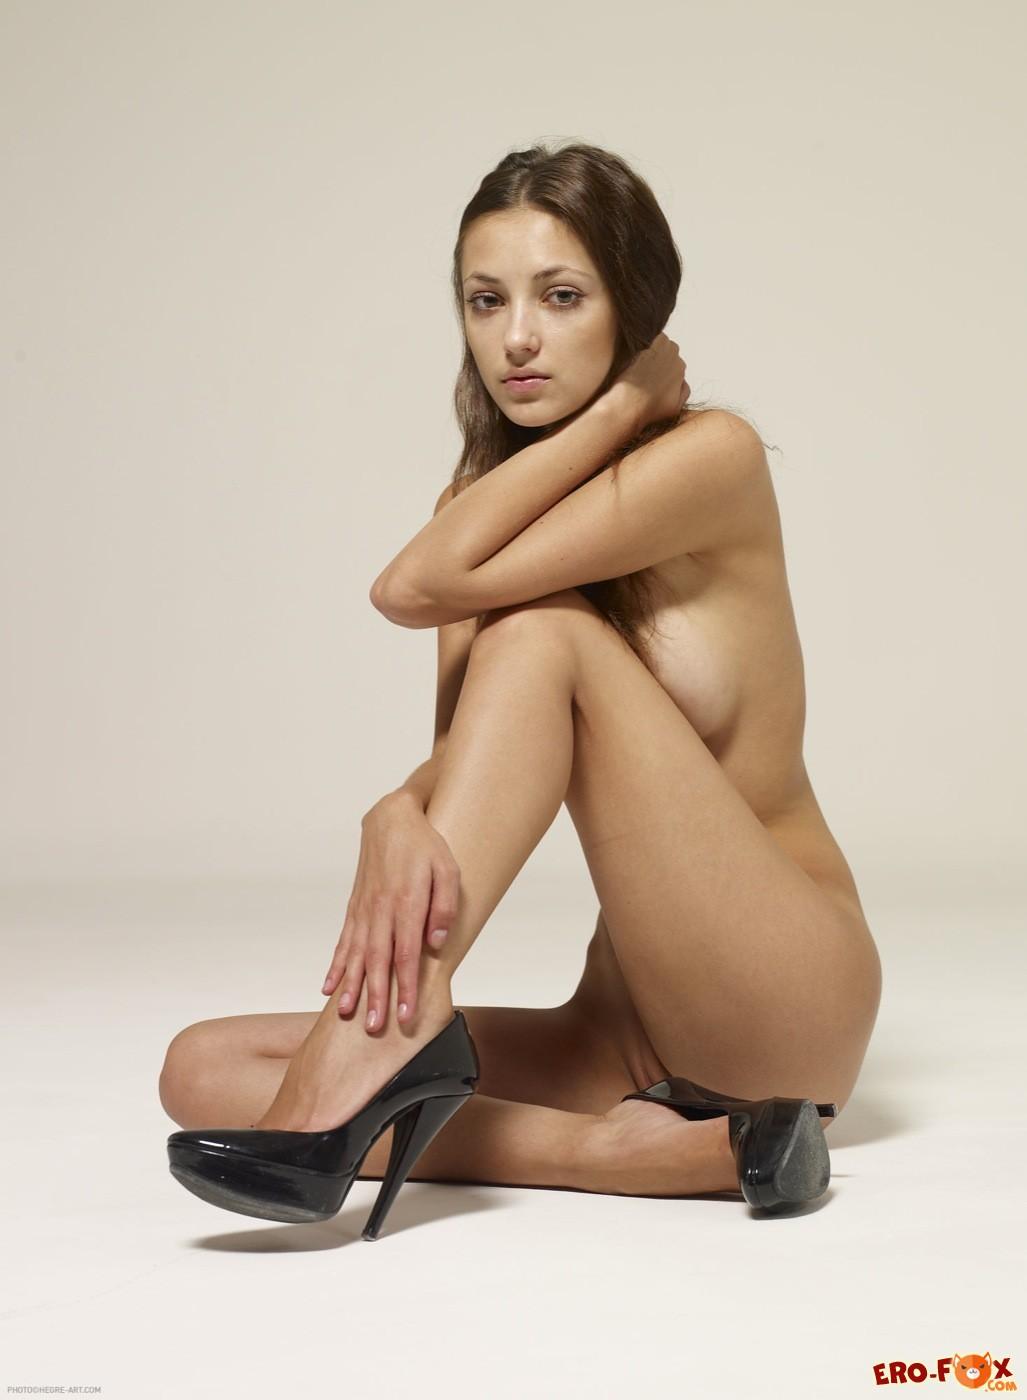 Голая девушка в туфлях раздвигает ноги на полу - фото